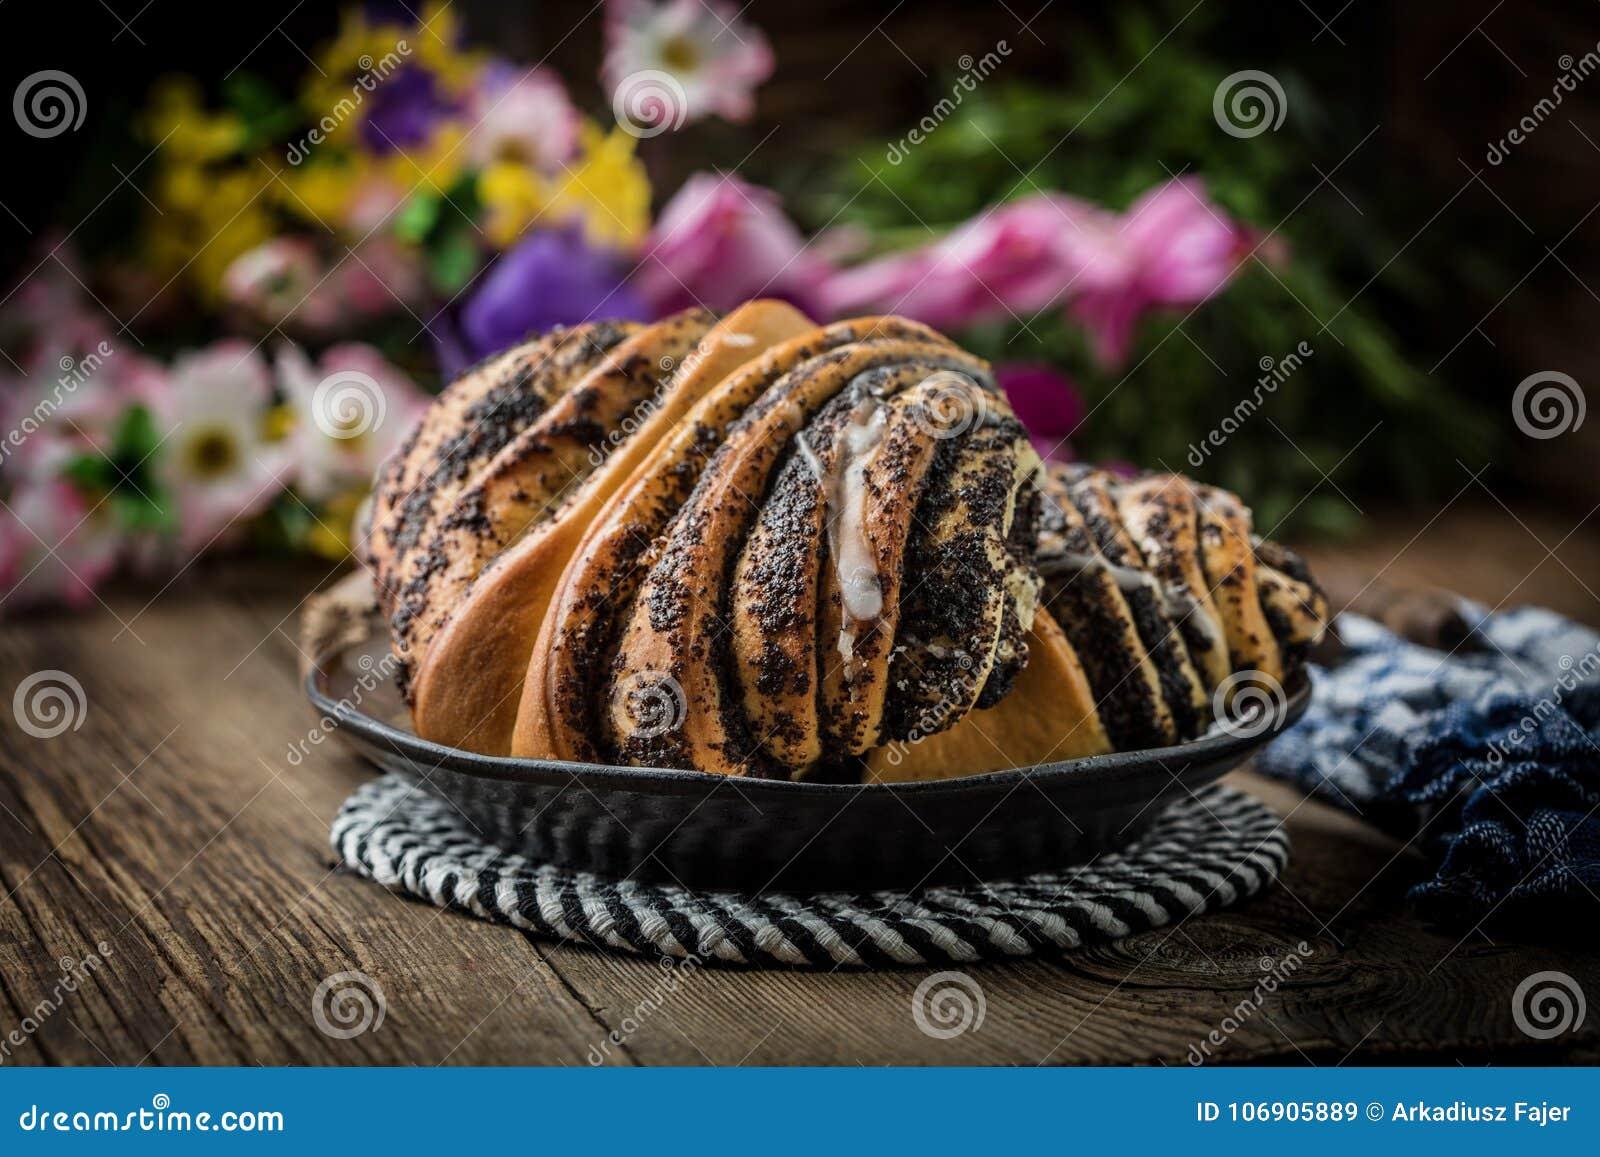 Słodkie babeczki z makowym ziarnem i mrożeniem